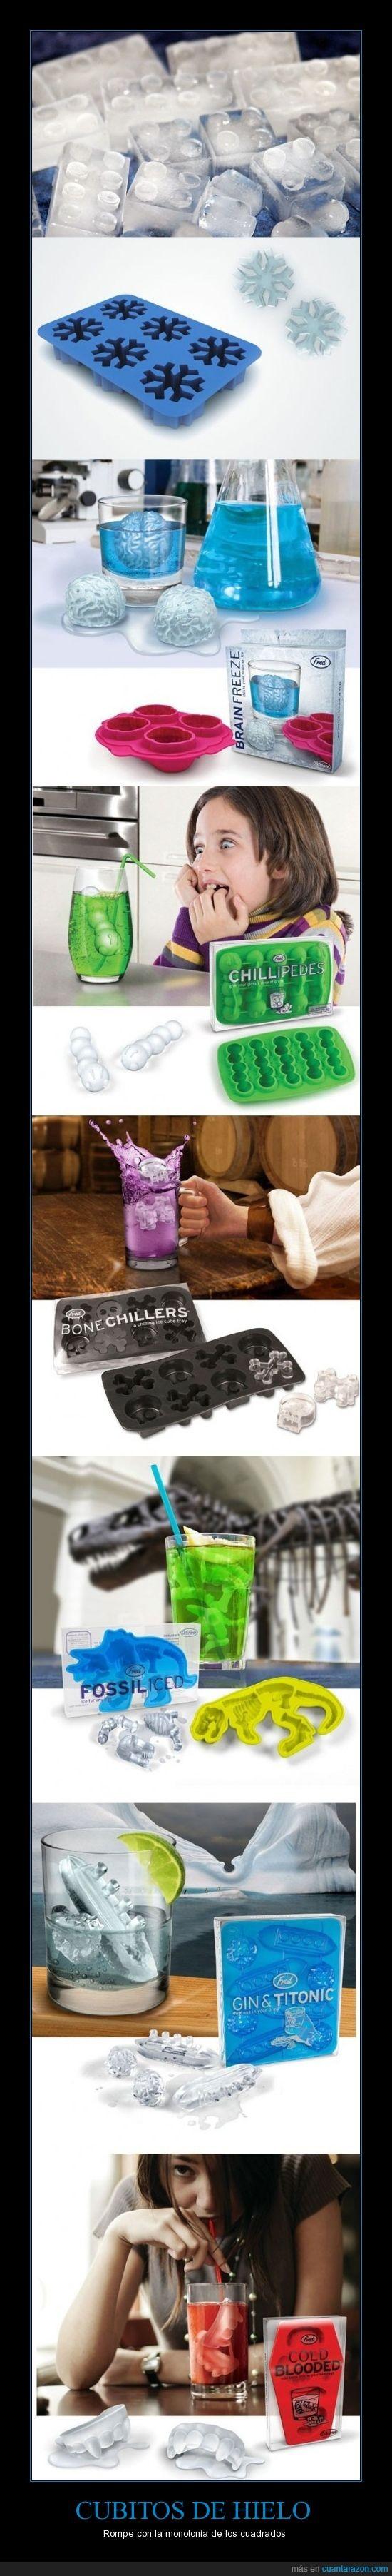 cubitos,hielo,originales